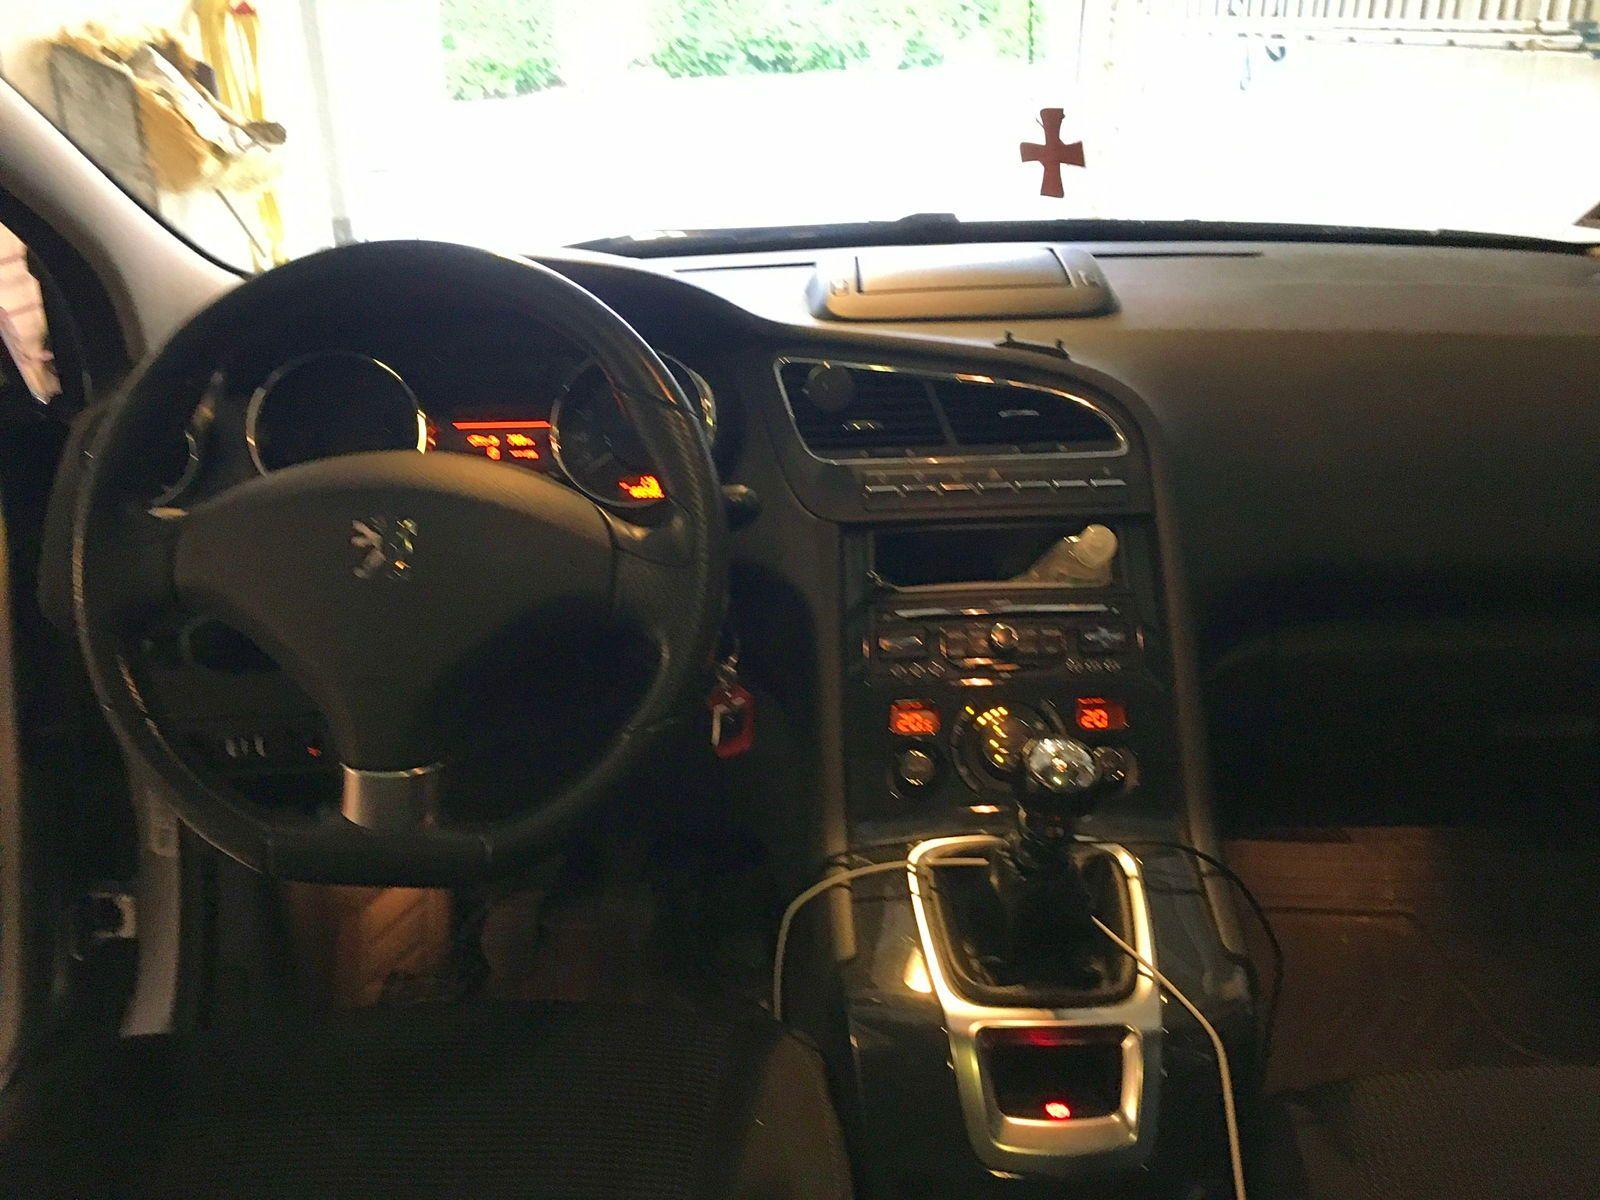 Vends Peugeot 5008premium diesel, 150ch, 7places 170000km, 2011